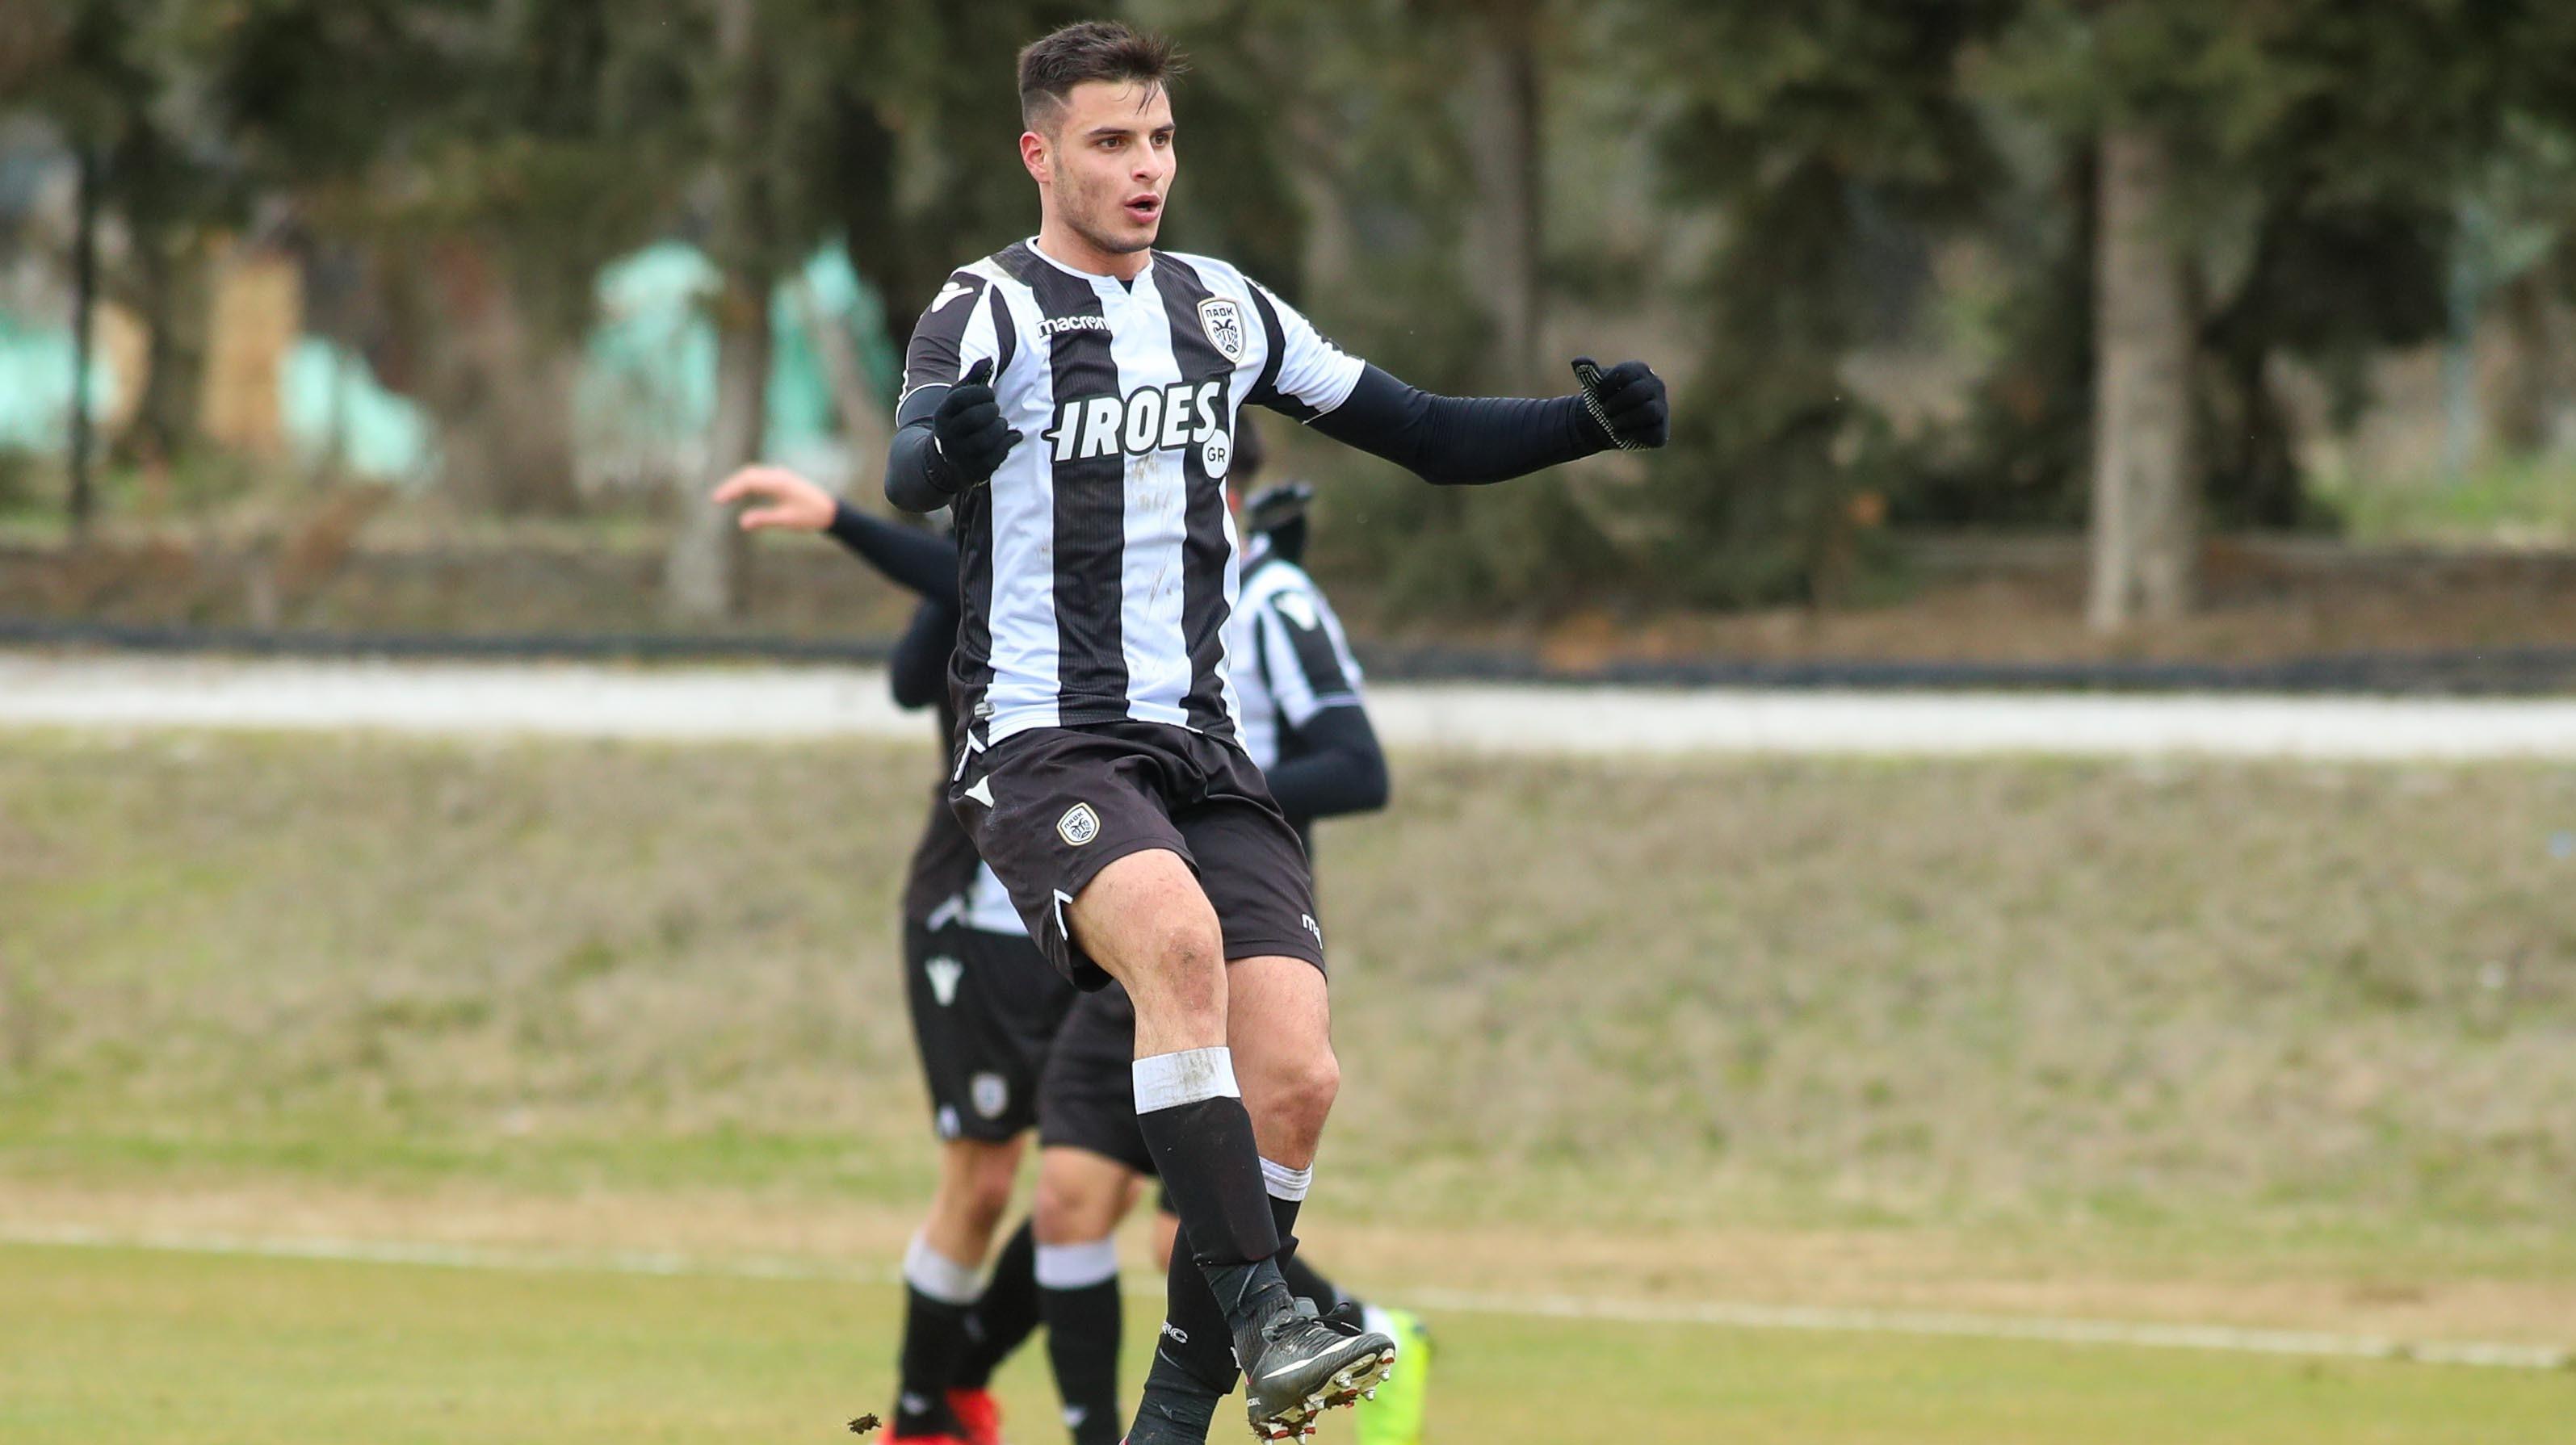 PAOK U19 – Aris U19: Highlights